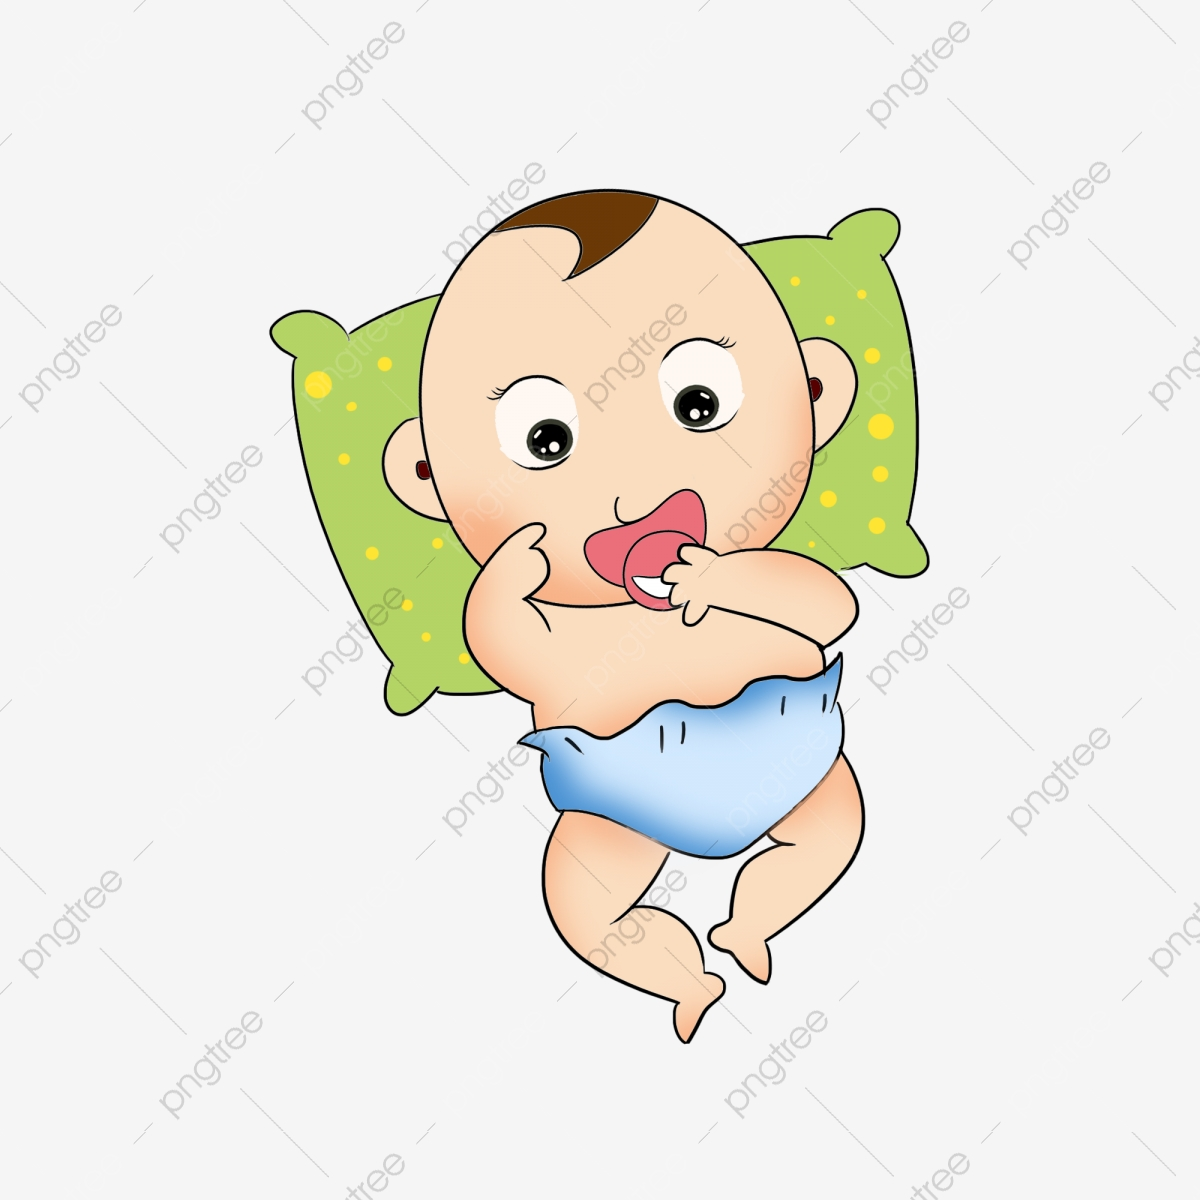 Gambar Kartun Bayi Tidur Semasa Bermain Tidur Bermain Kartun Bayi Kanak Bayi Baru Lahir Anak Terbuka Bayi Kanak Kanak Png Dan Psd Untuk Muat Turun Percuma